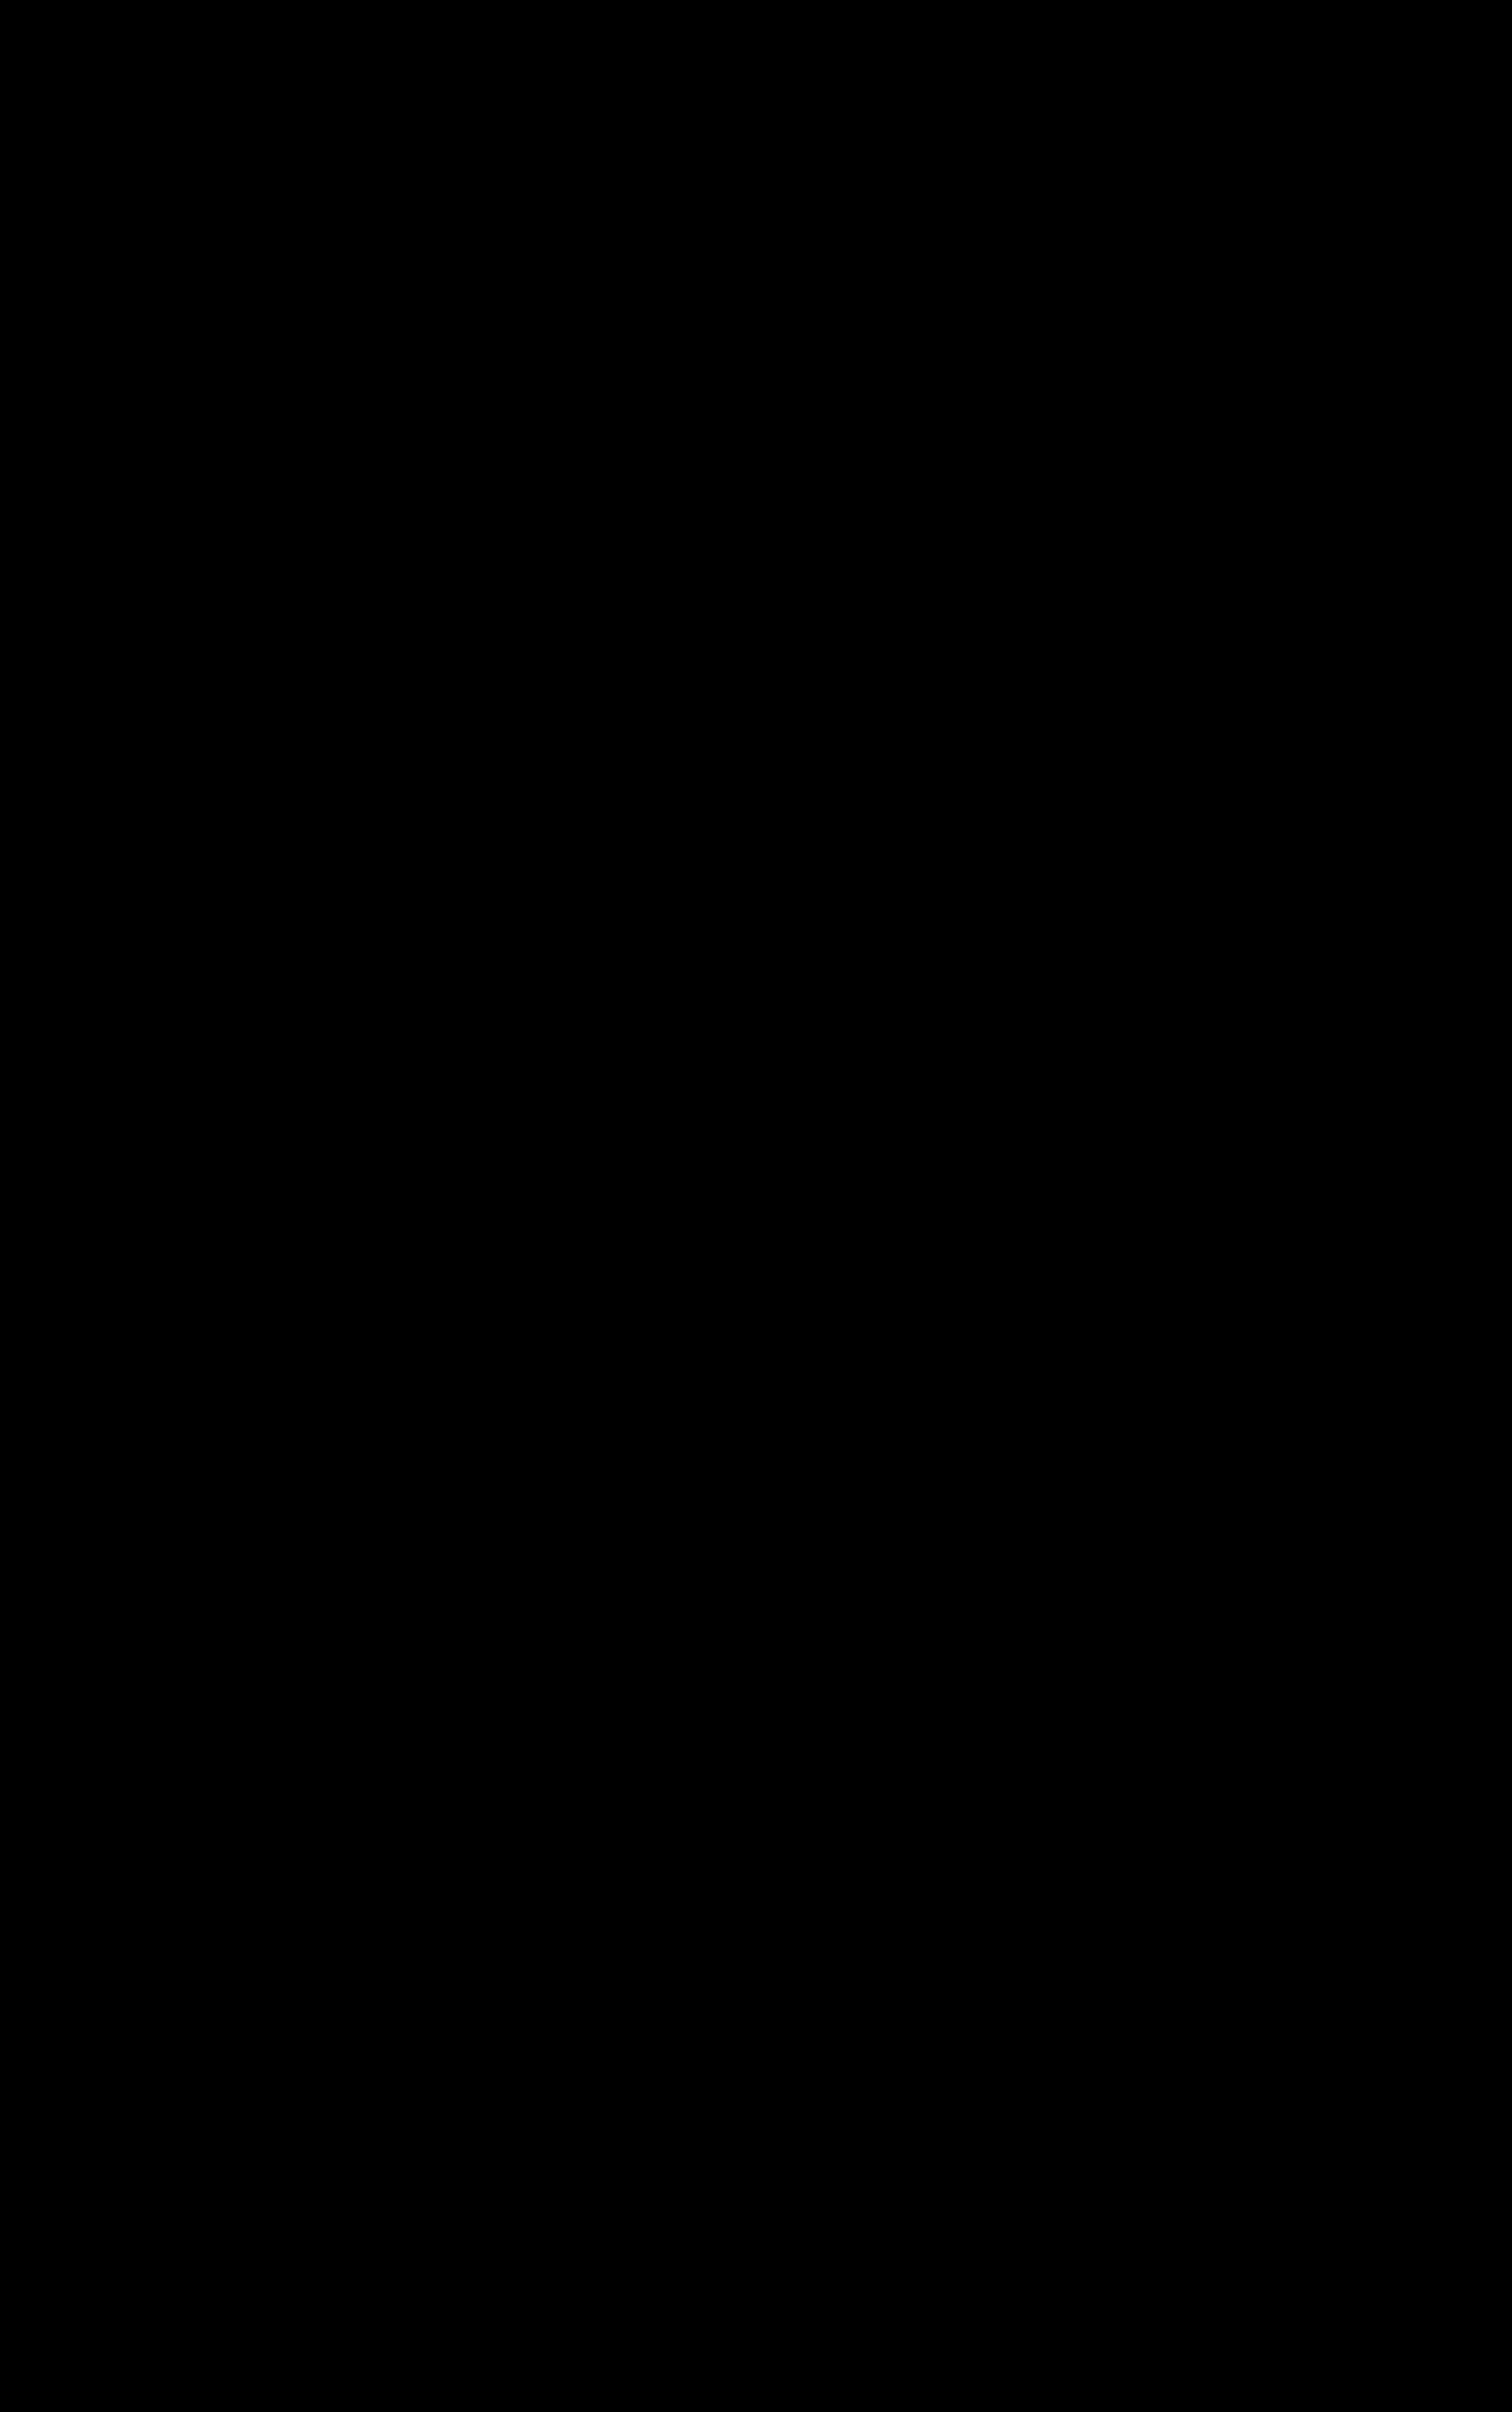 Legging de sport bleu sarcelle taille haute à détail liserés réfléchissants 3